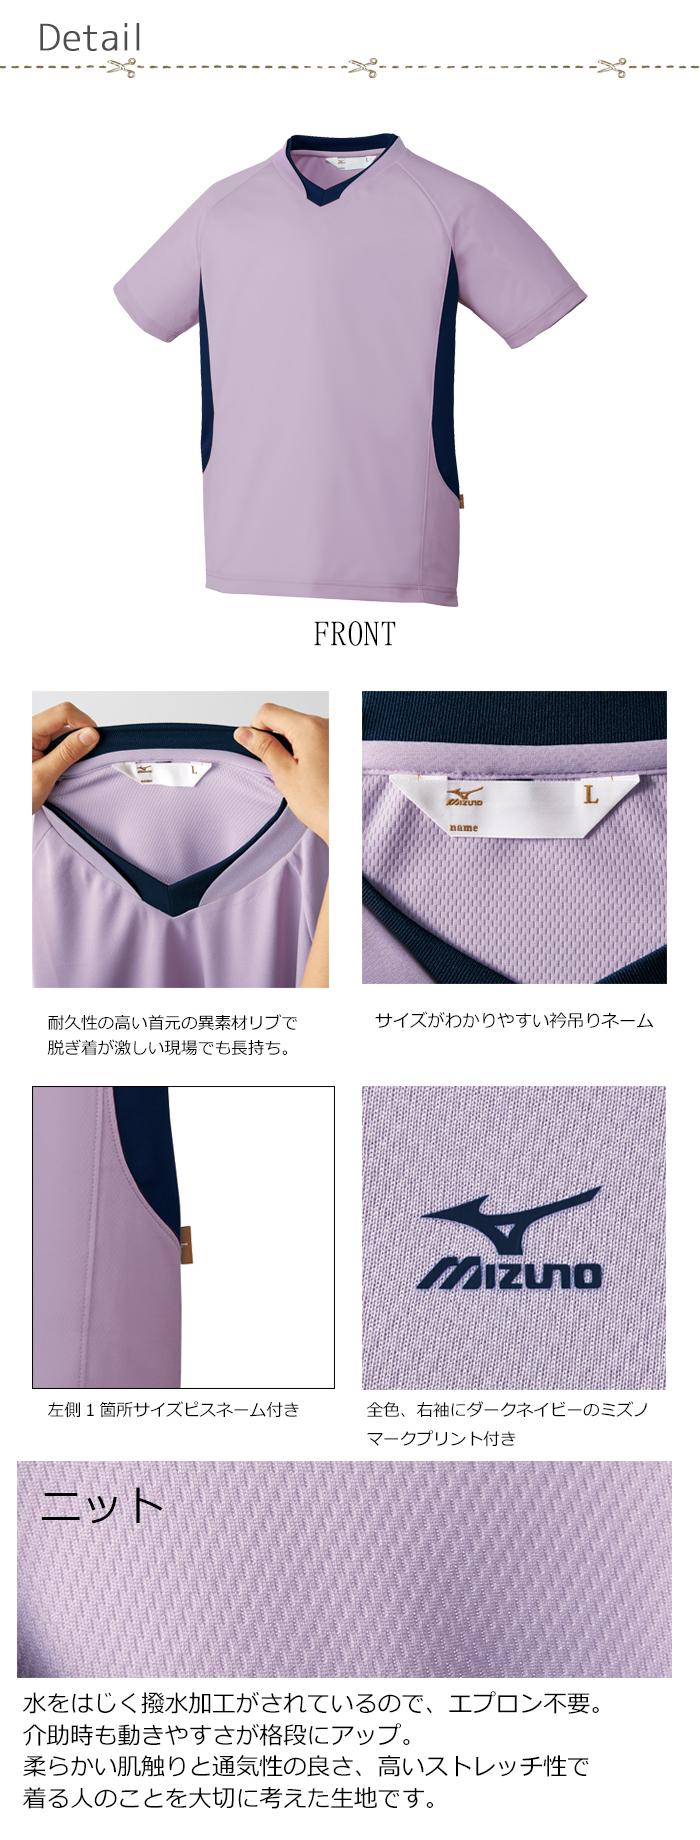 【介護・ヘルパー向け】入浴介助用シャツ【男女兼用】